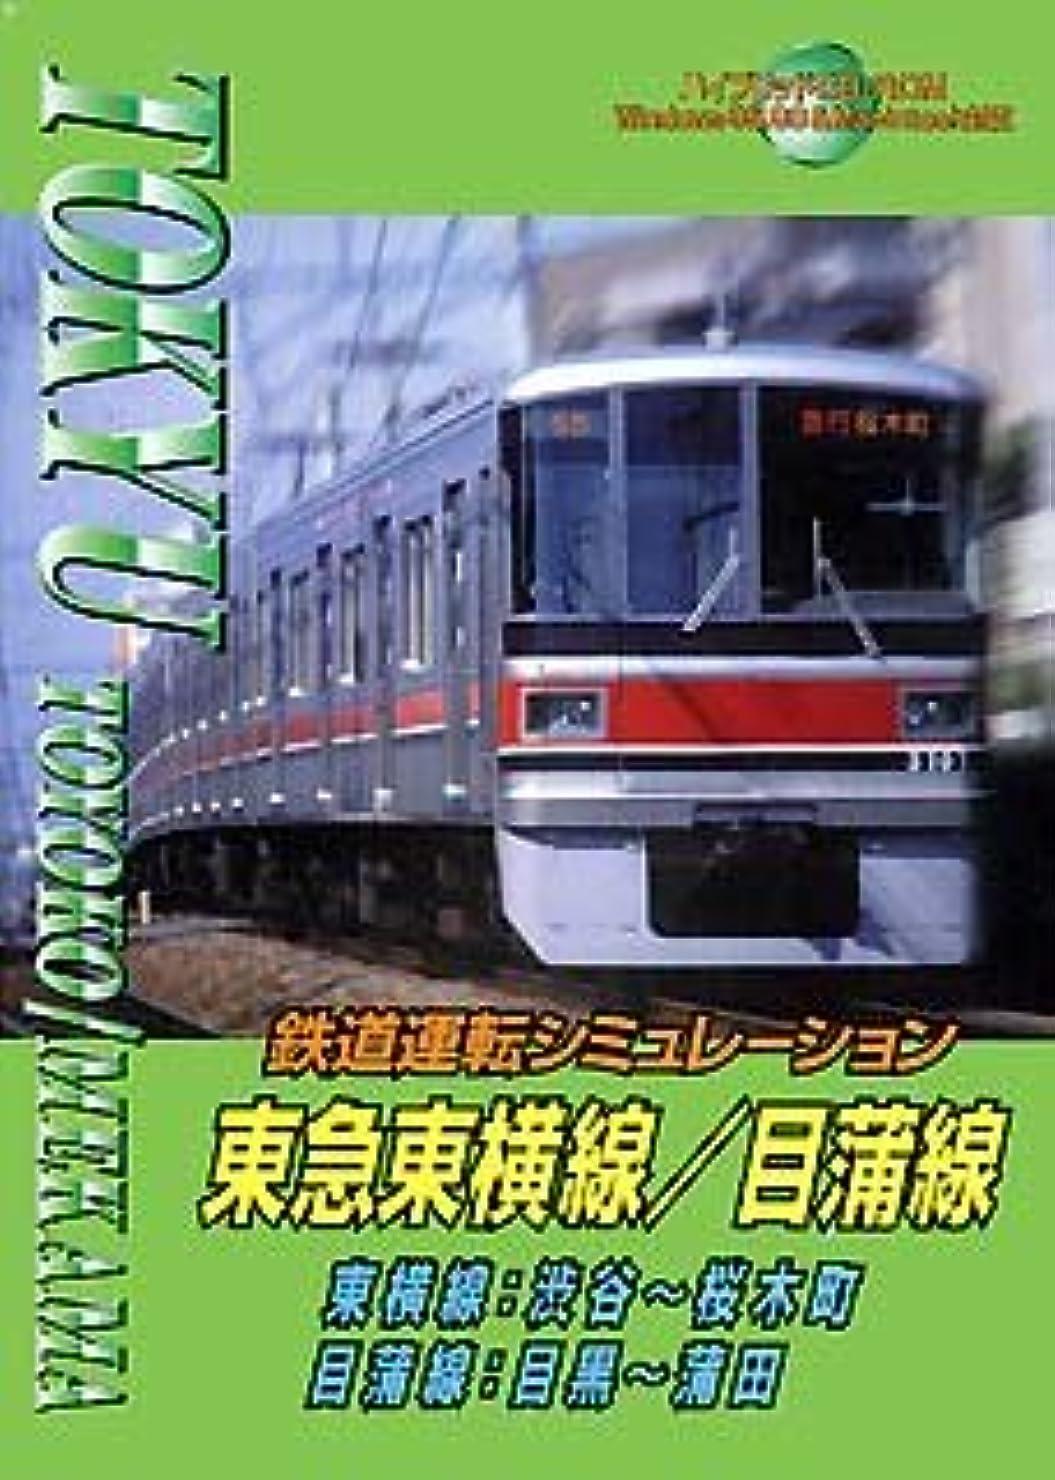 地雷原ファイアル測る鉄道運転シミュレーション 東急東横線/目蒲線